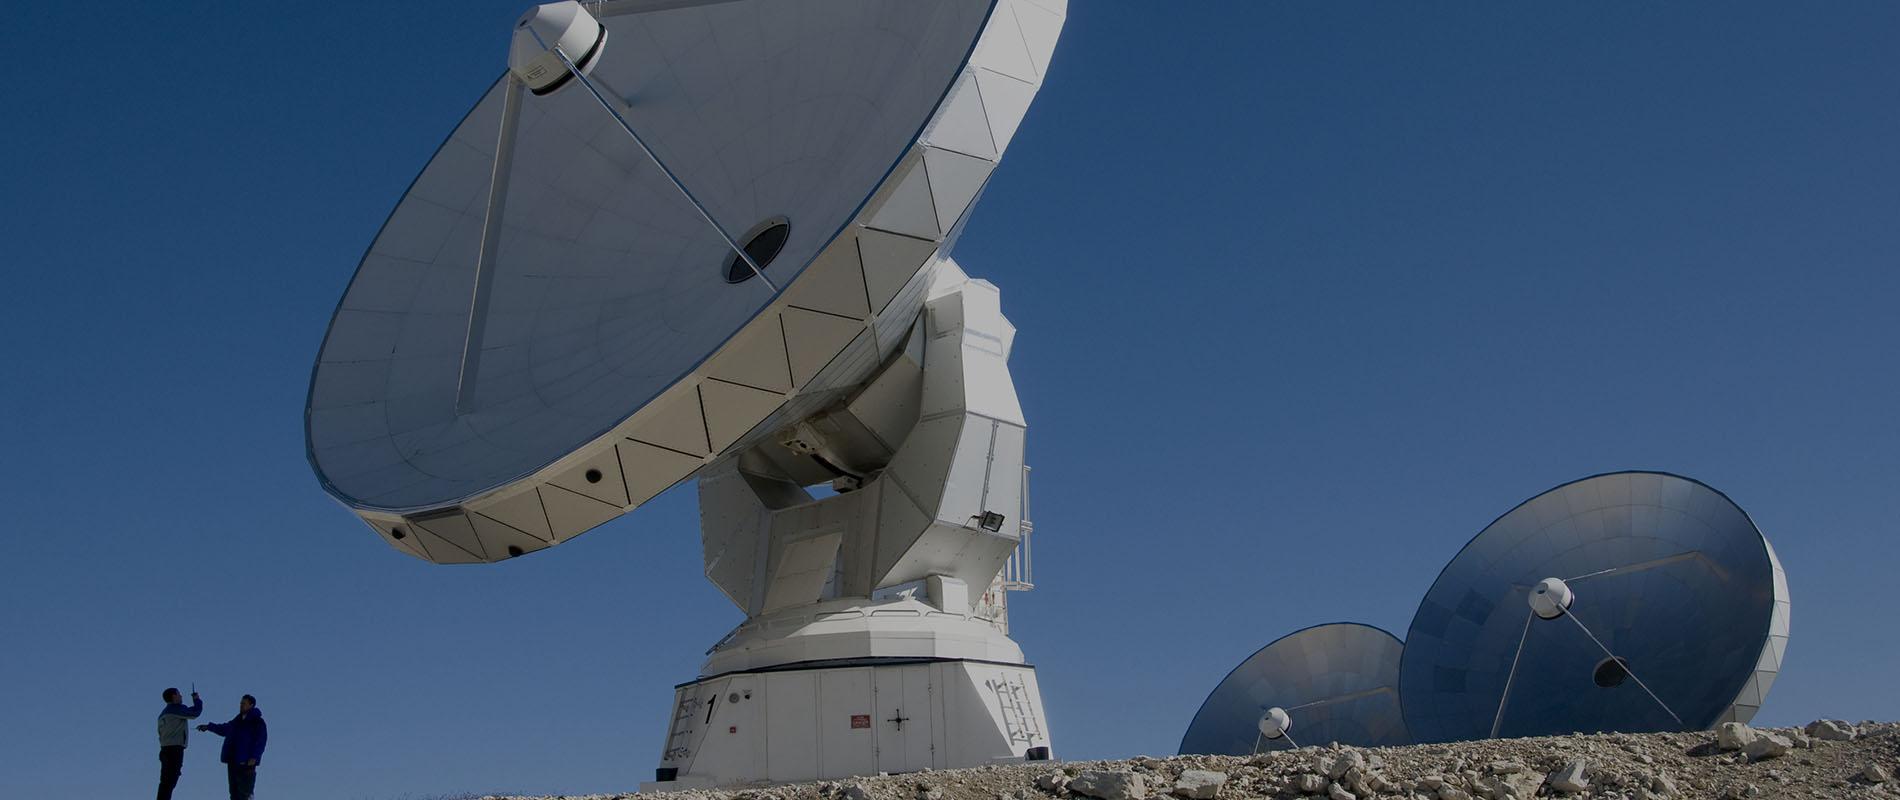 Photographie d'une antenne parabolique